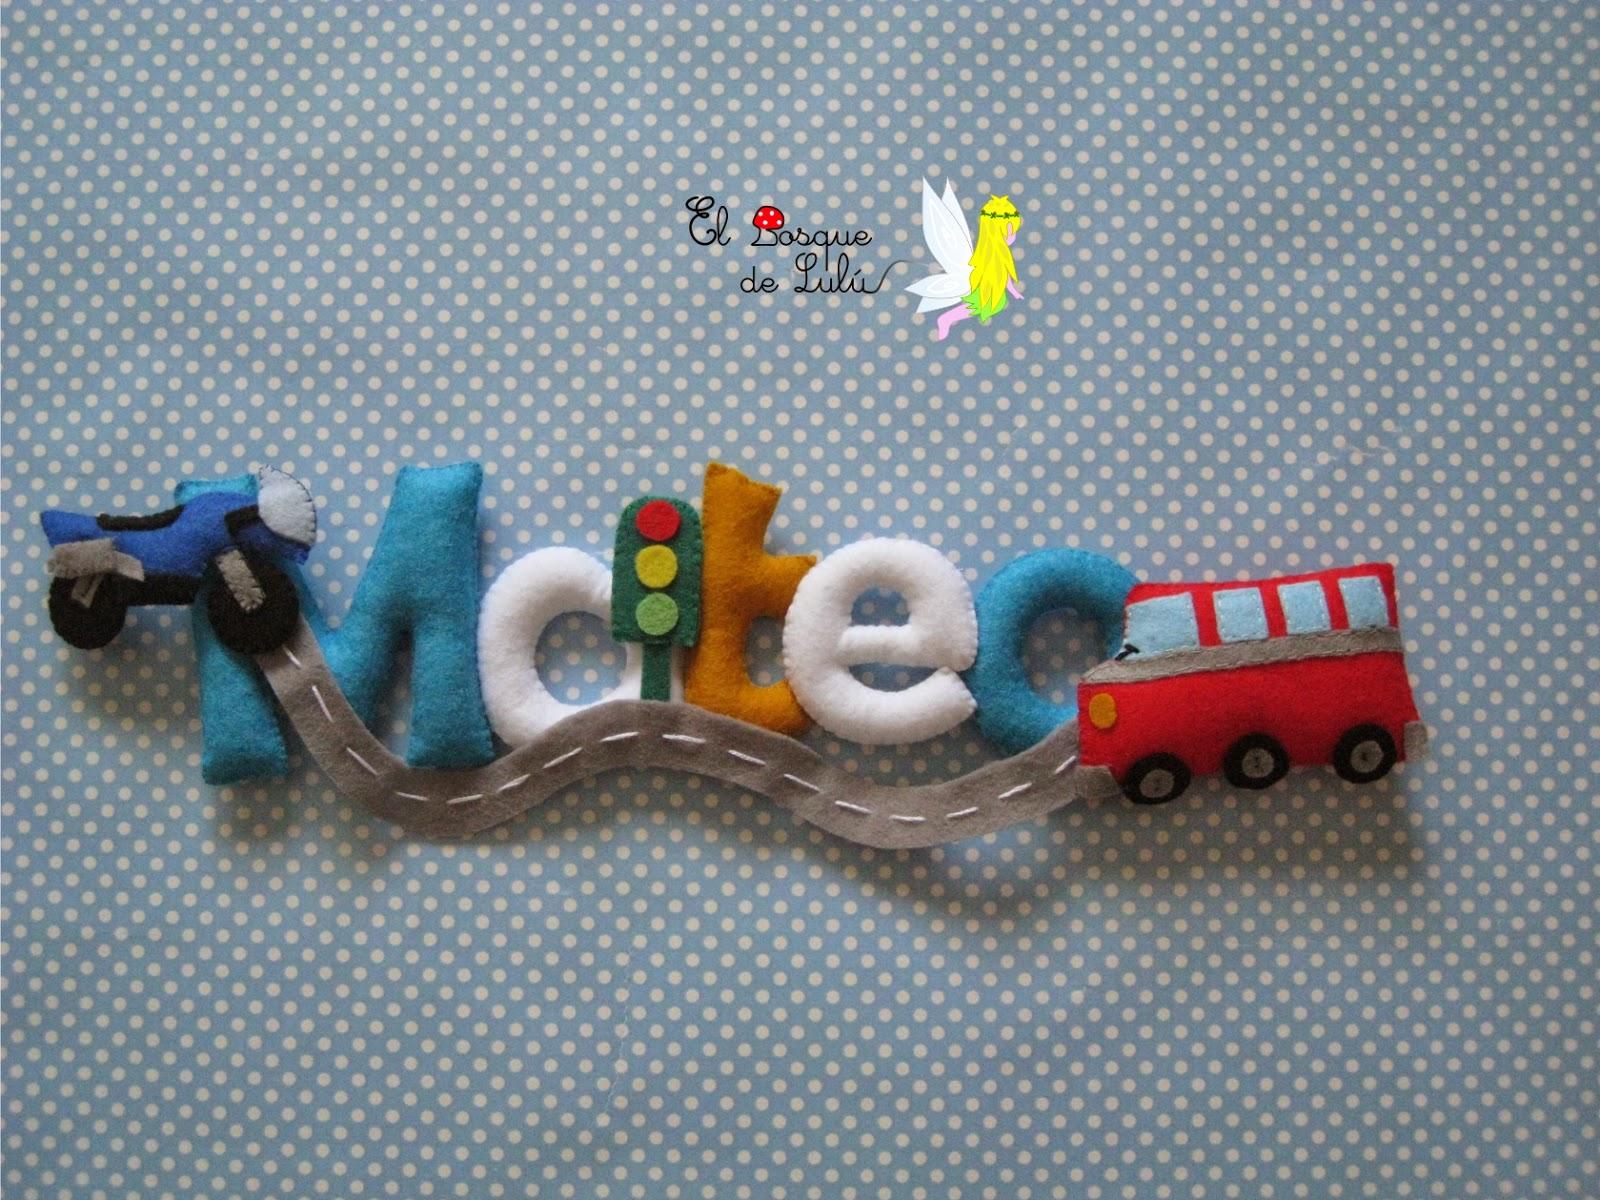 Mateo-nombre-fieltro-decoración-infantil-detalle-nacimiento-regalon-name-banner